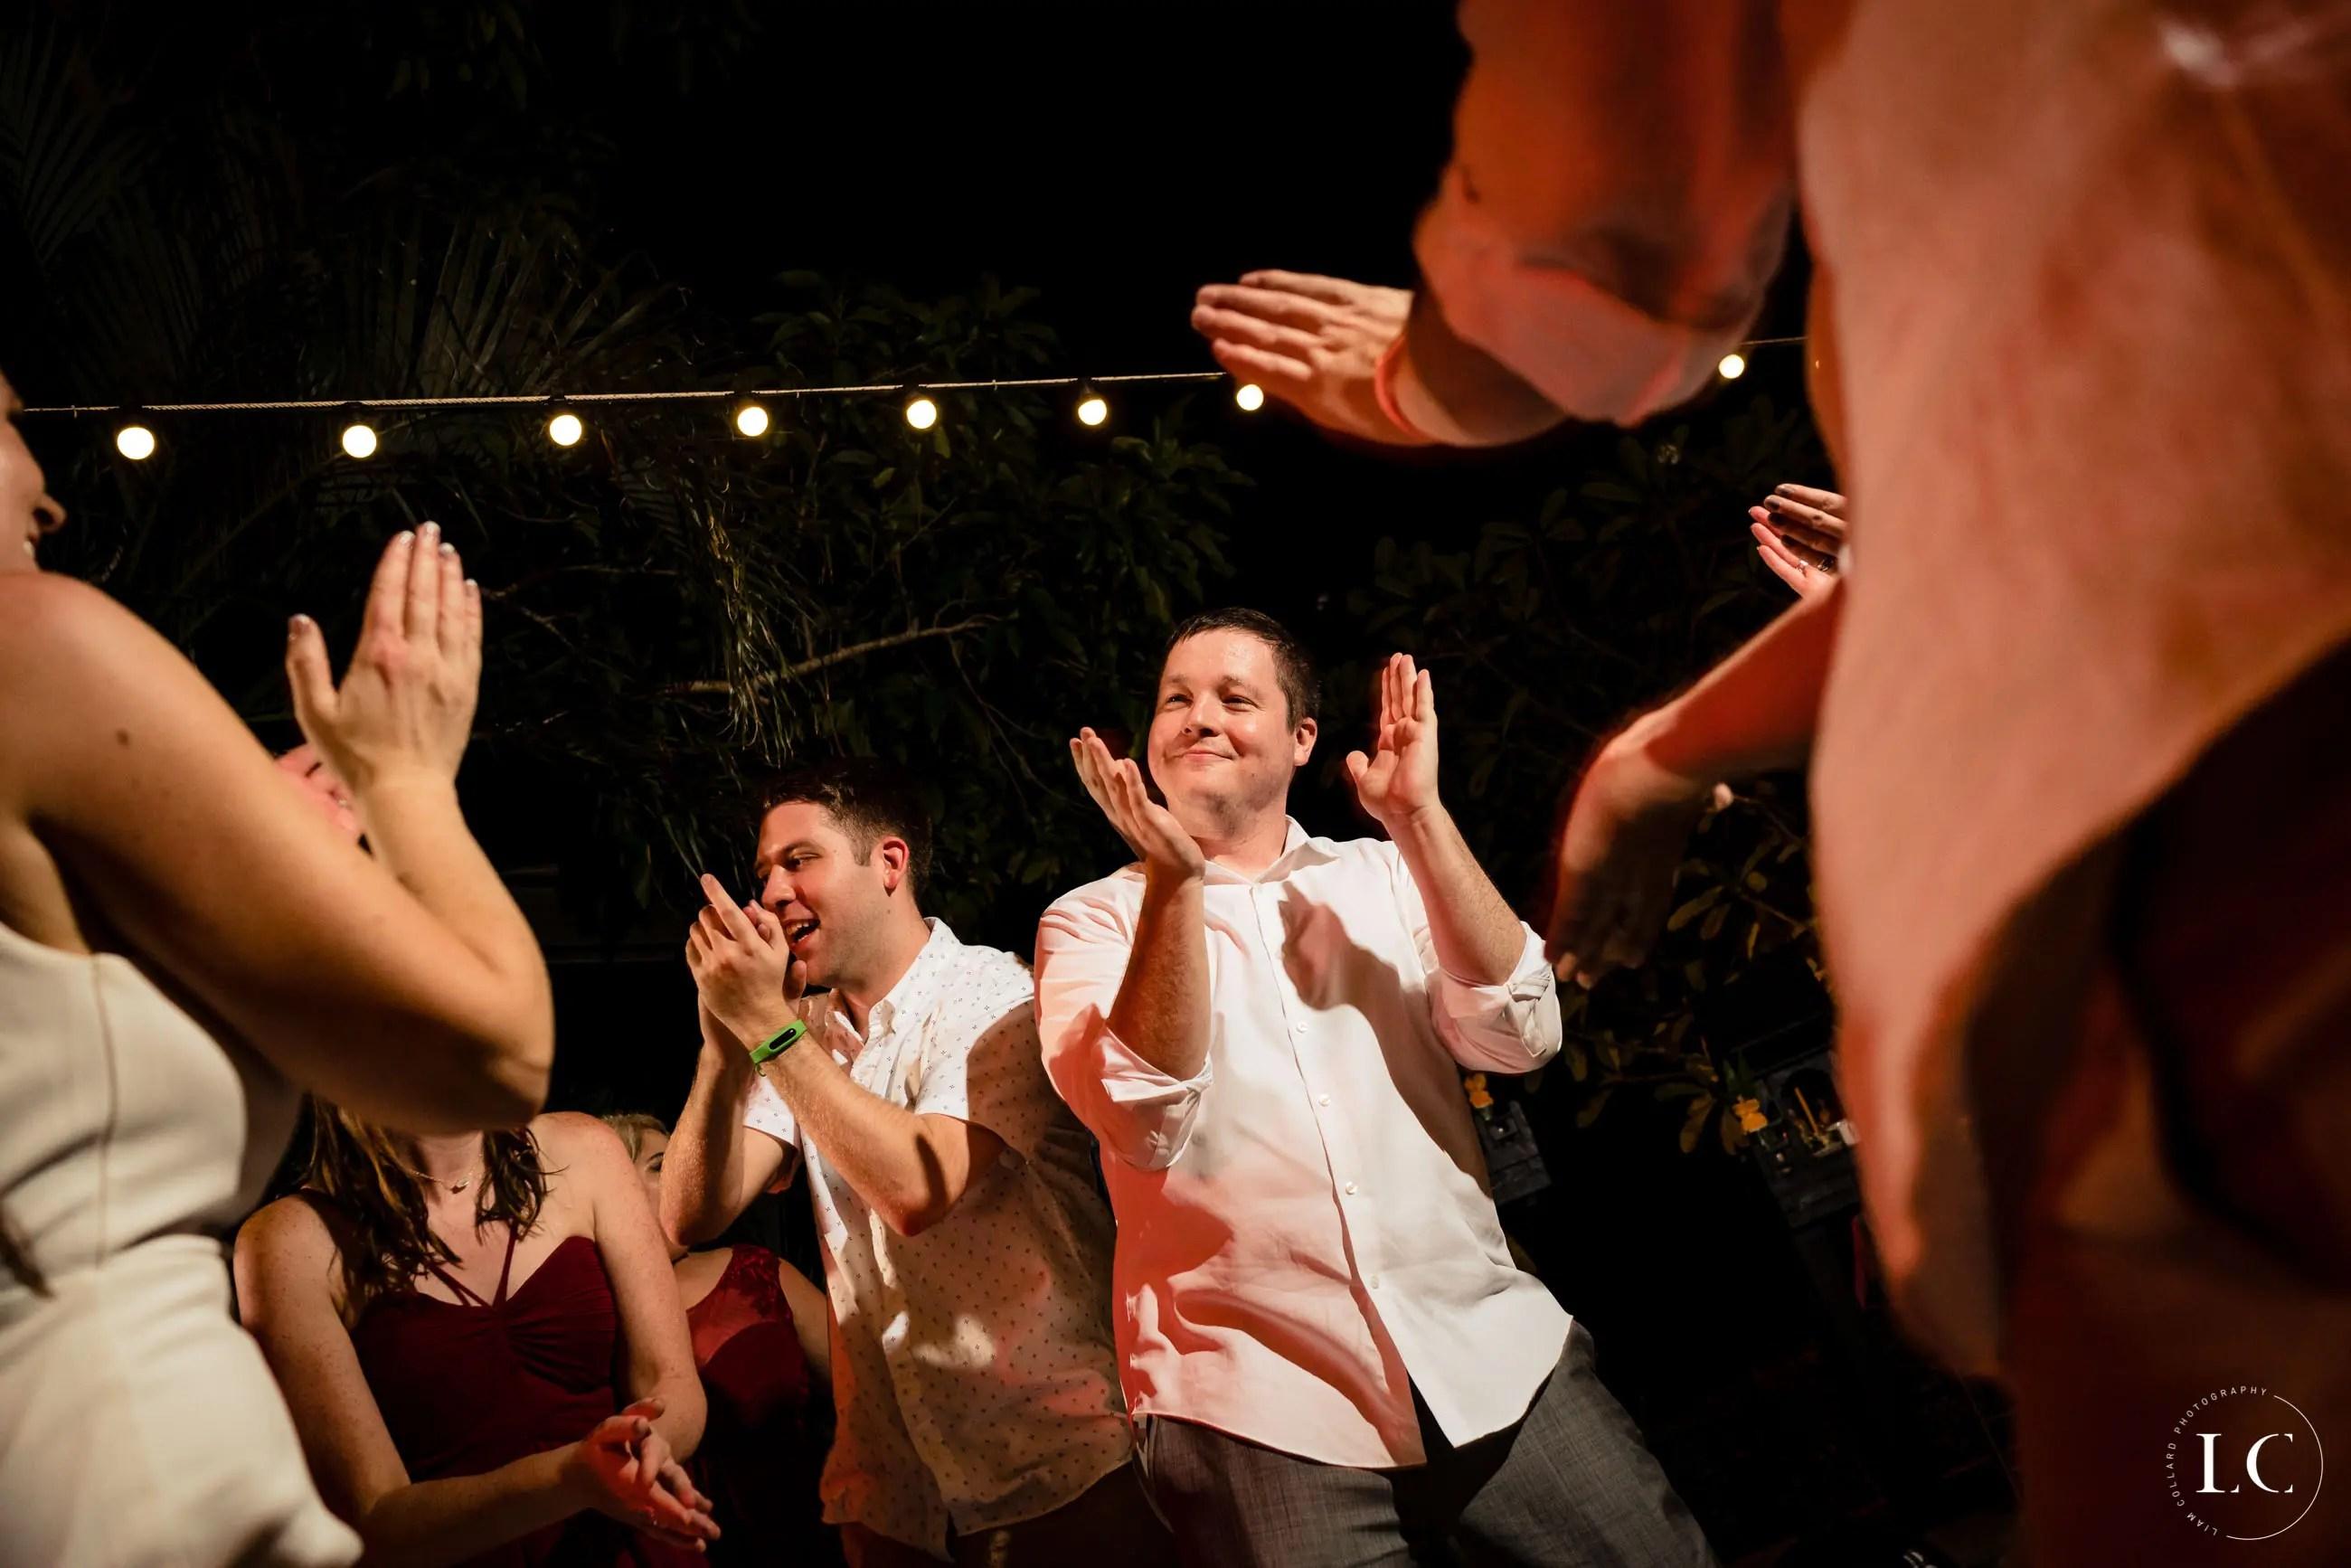 dancing at a wedding